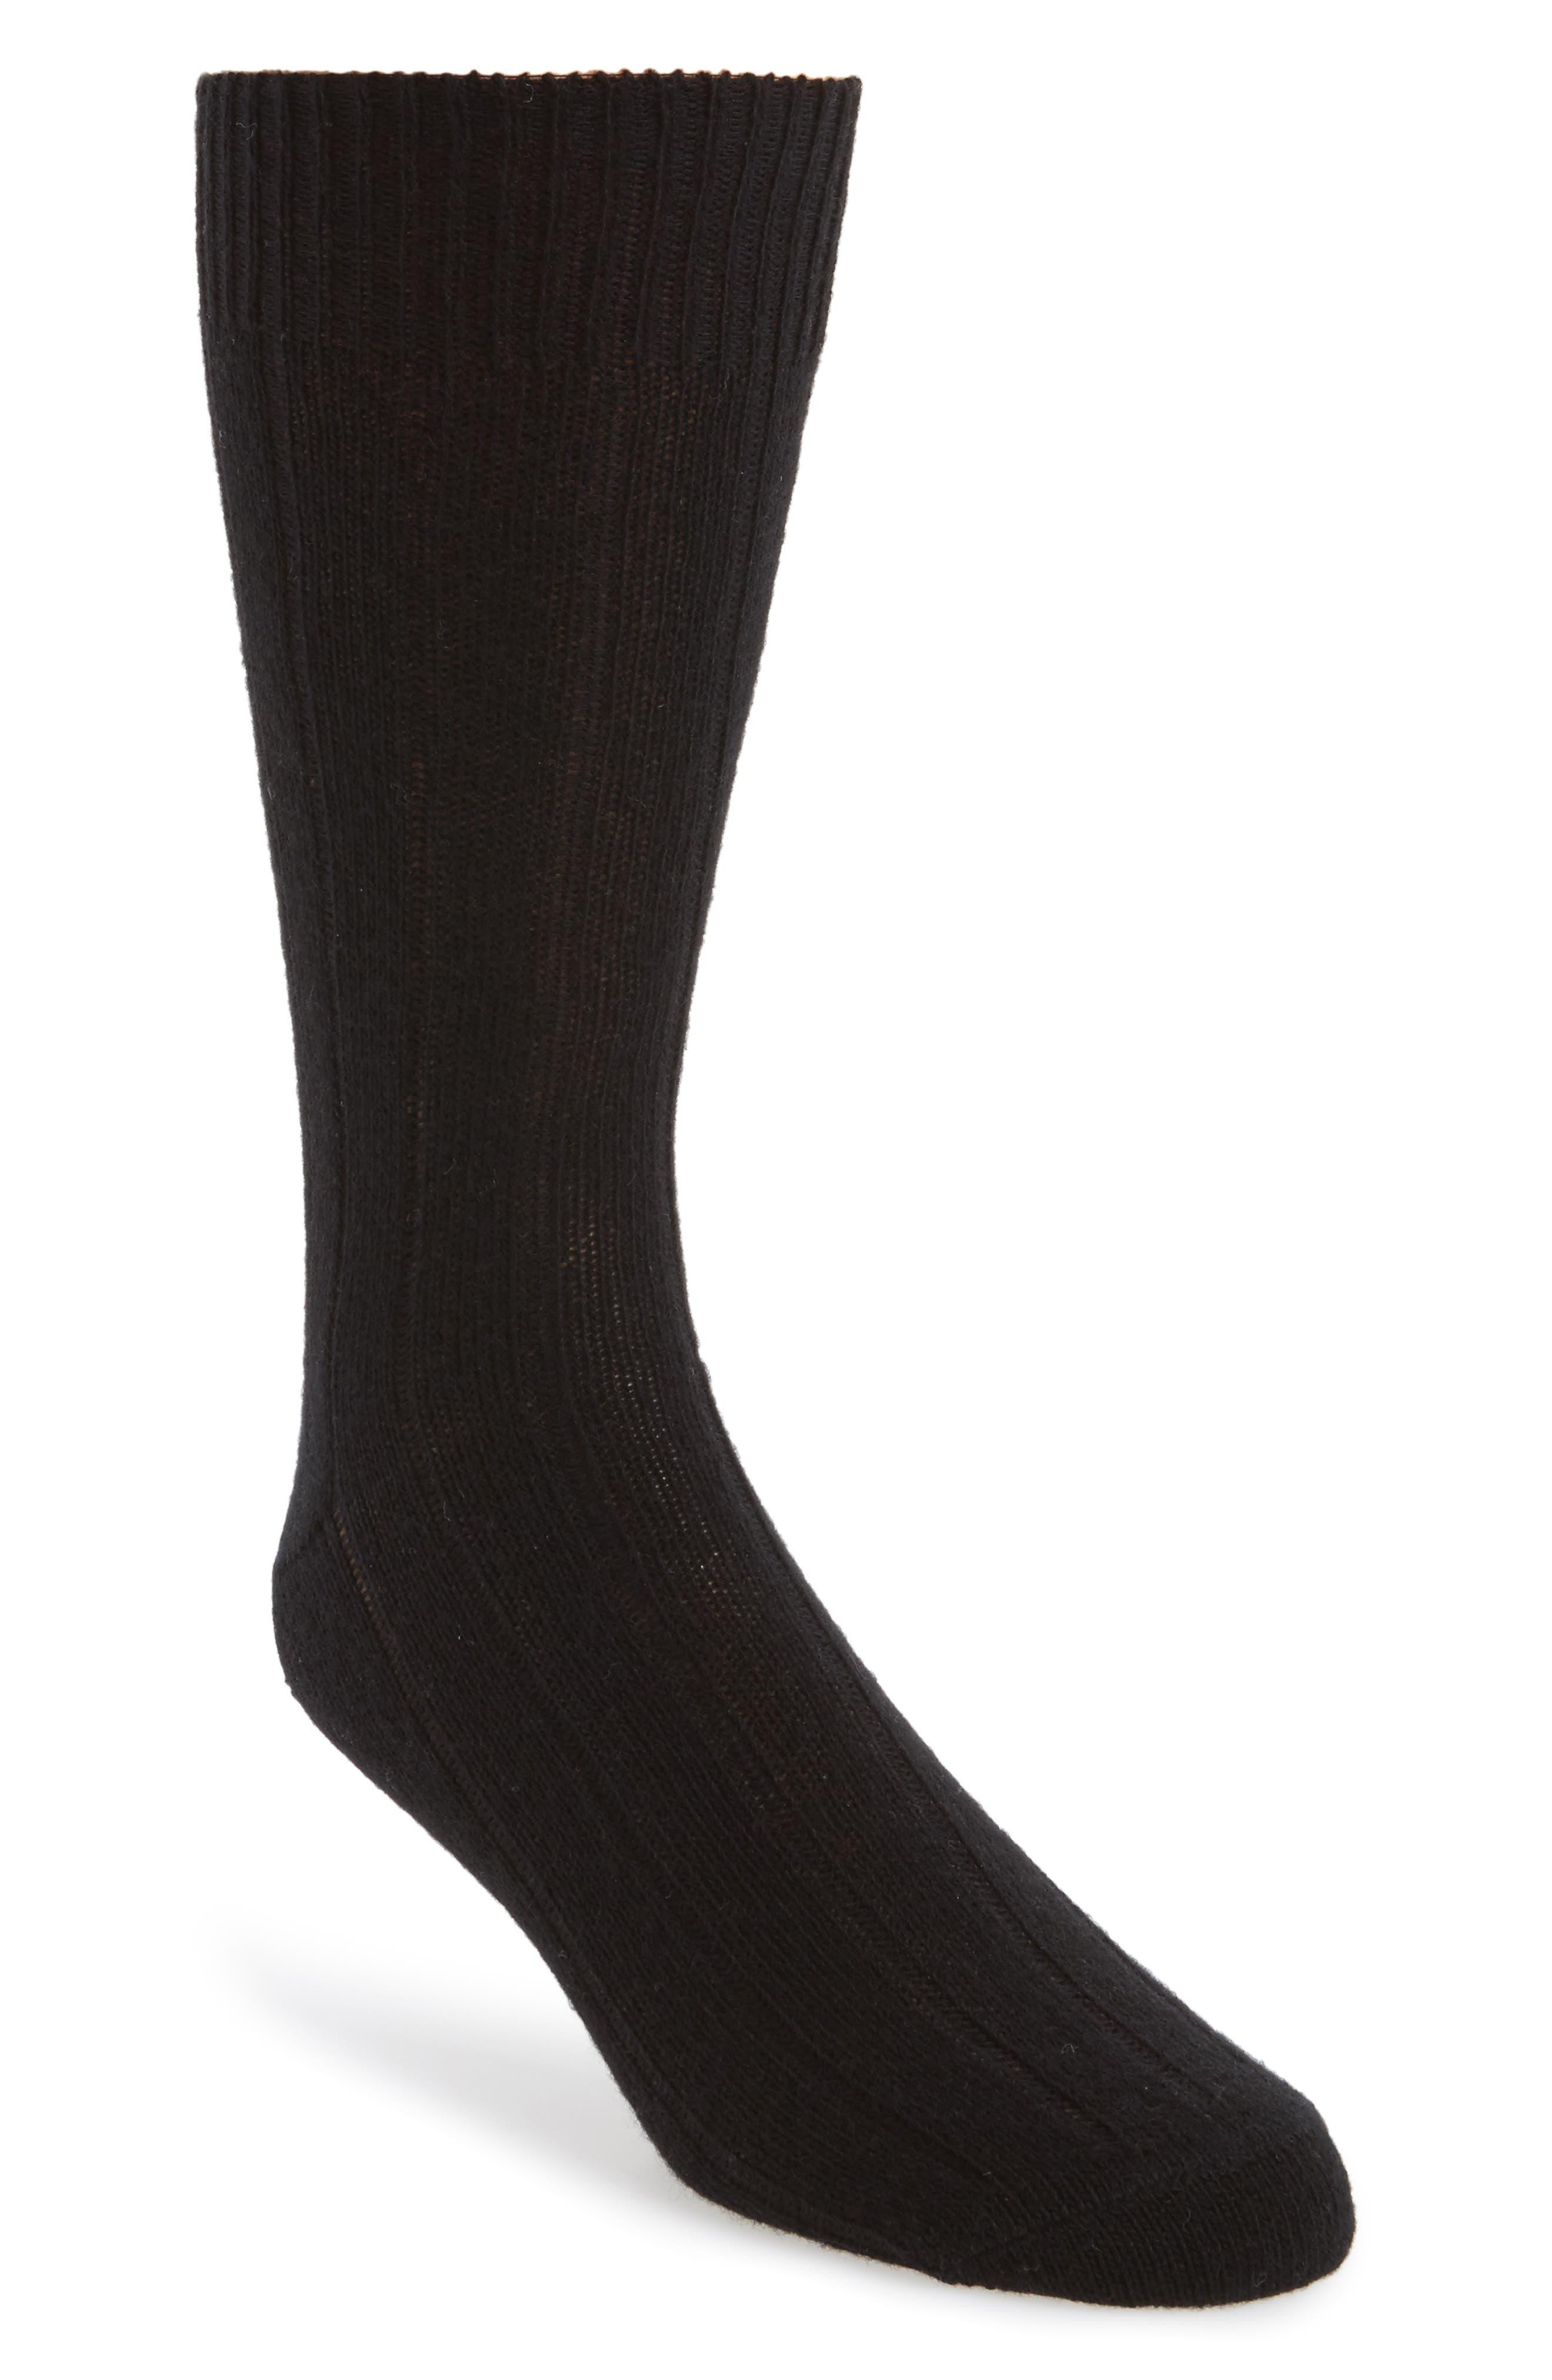 Cashmere Blend Socks,                         Main,                         color, BLK